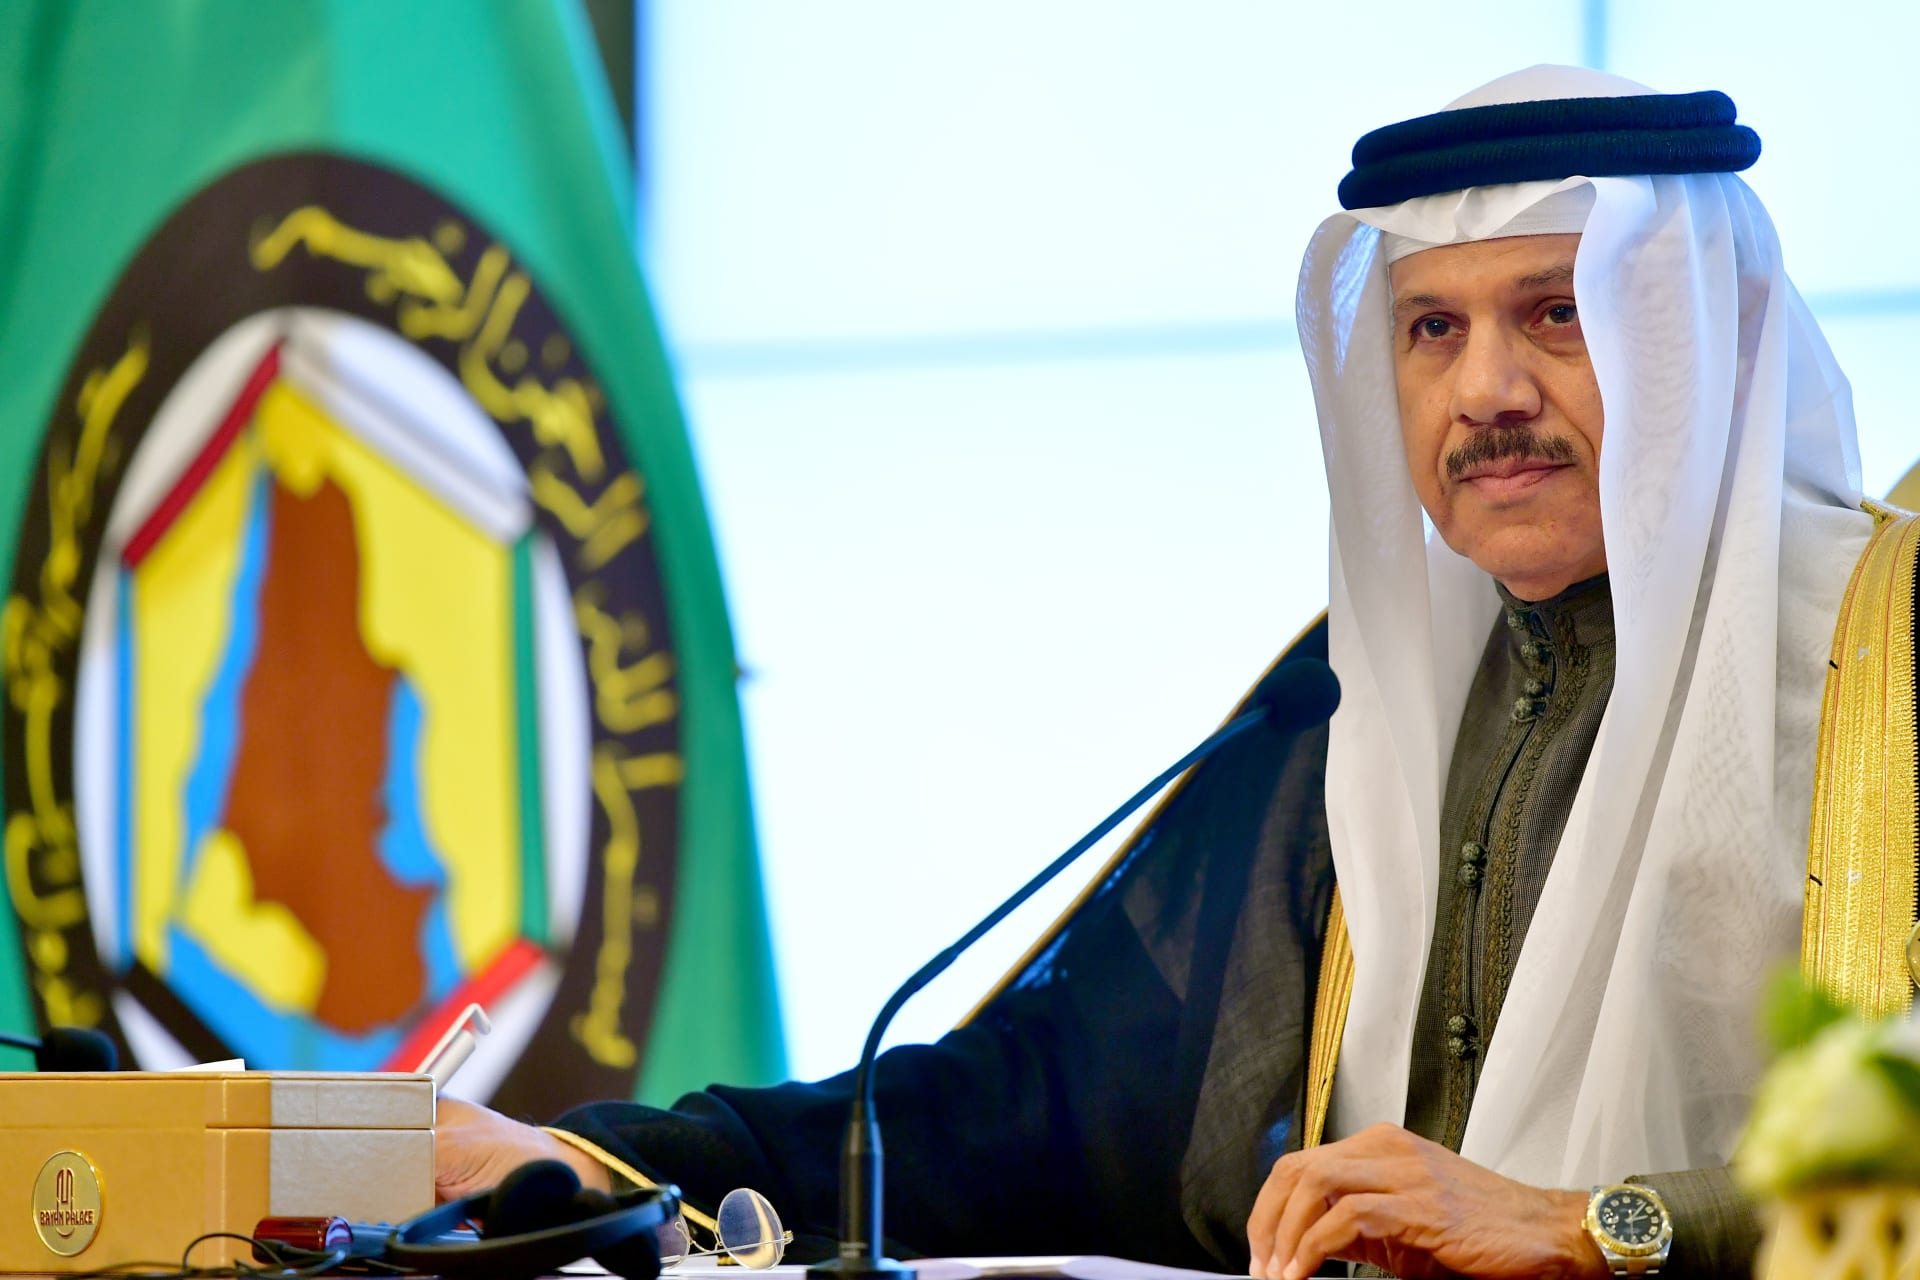 وزير خارجية البحرين يرسل خطابًا لنظيره القطري لدعوته لعقد مباحثات ثنائية